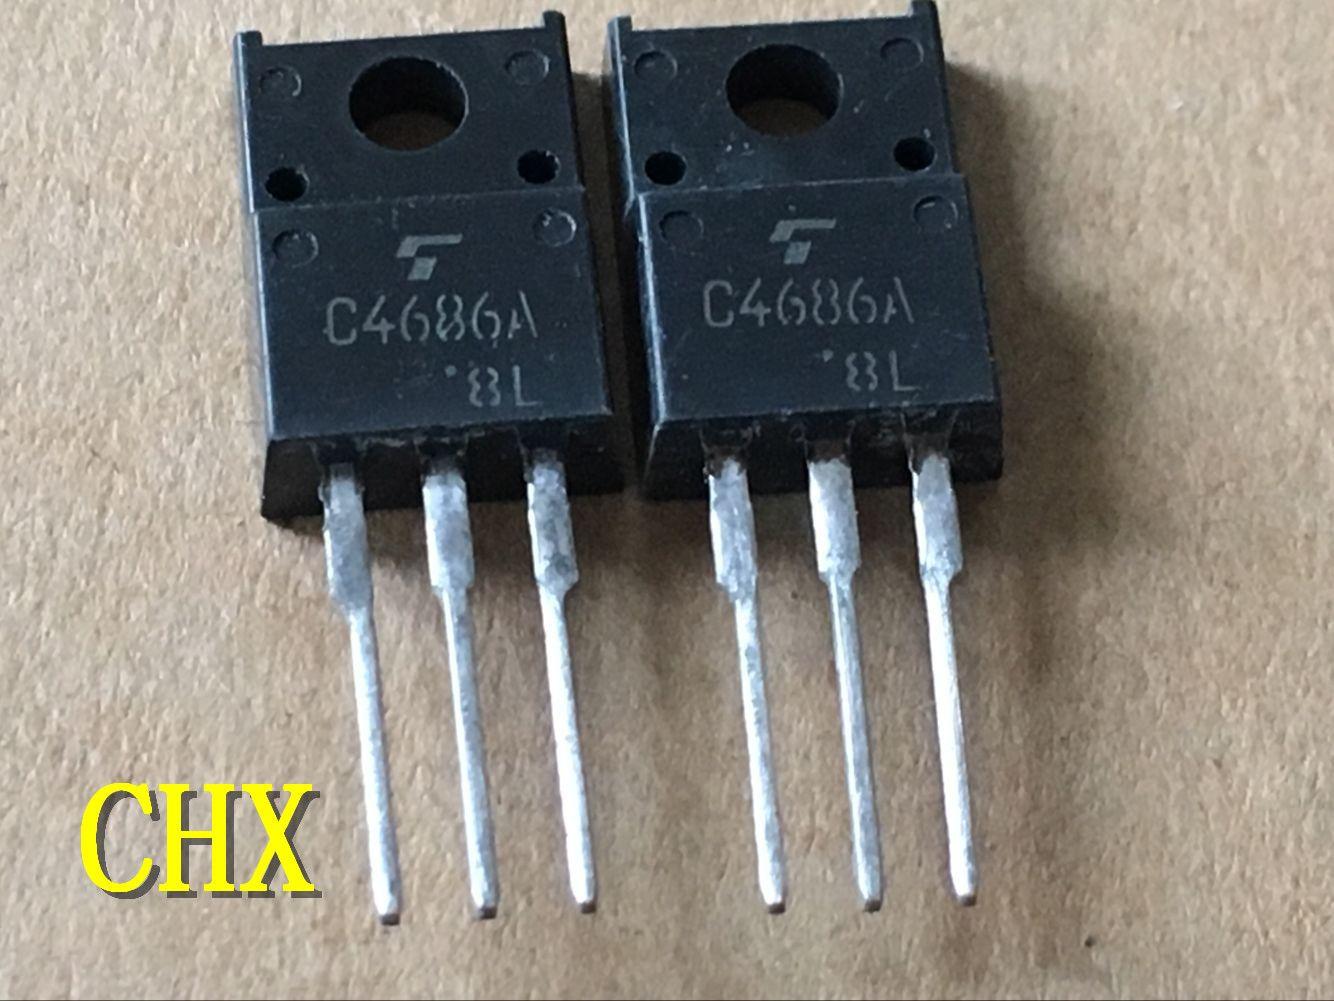 5 / szt. Nowy i oryginalny 2SC4686A C4686A NEC7908A 7908A UPC7908A BA8274 E210B TDA7295 DSEII60-12A TDA88843 TDA8590J / N1L